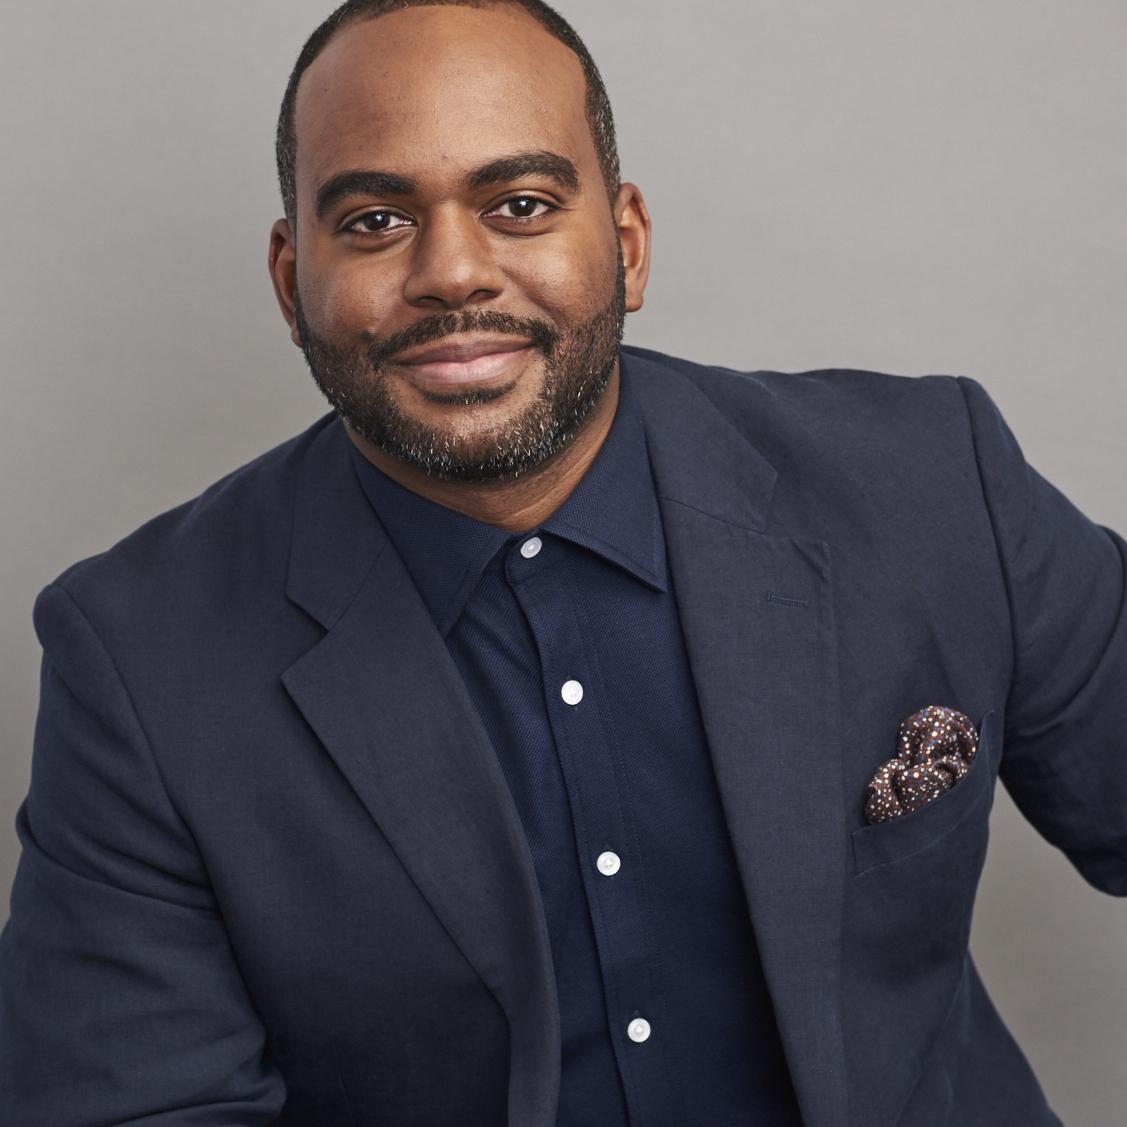 Damien Hooper-Campbell - KEYNOTEVP, Chief Diversity Officer at eBay